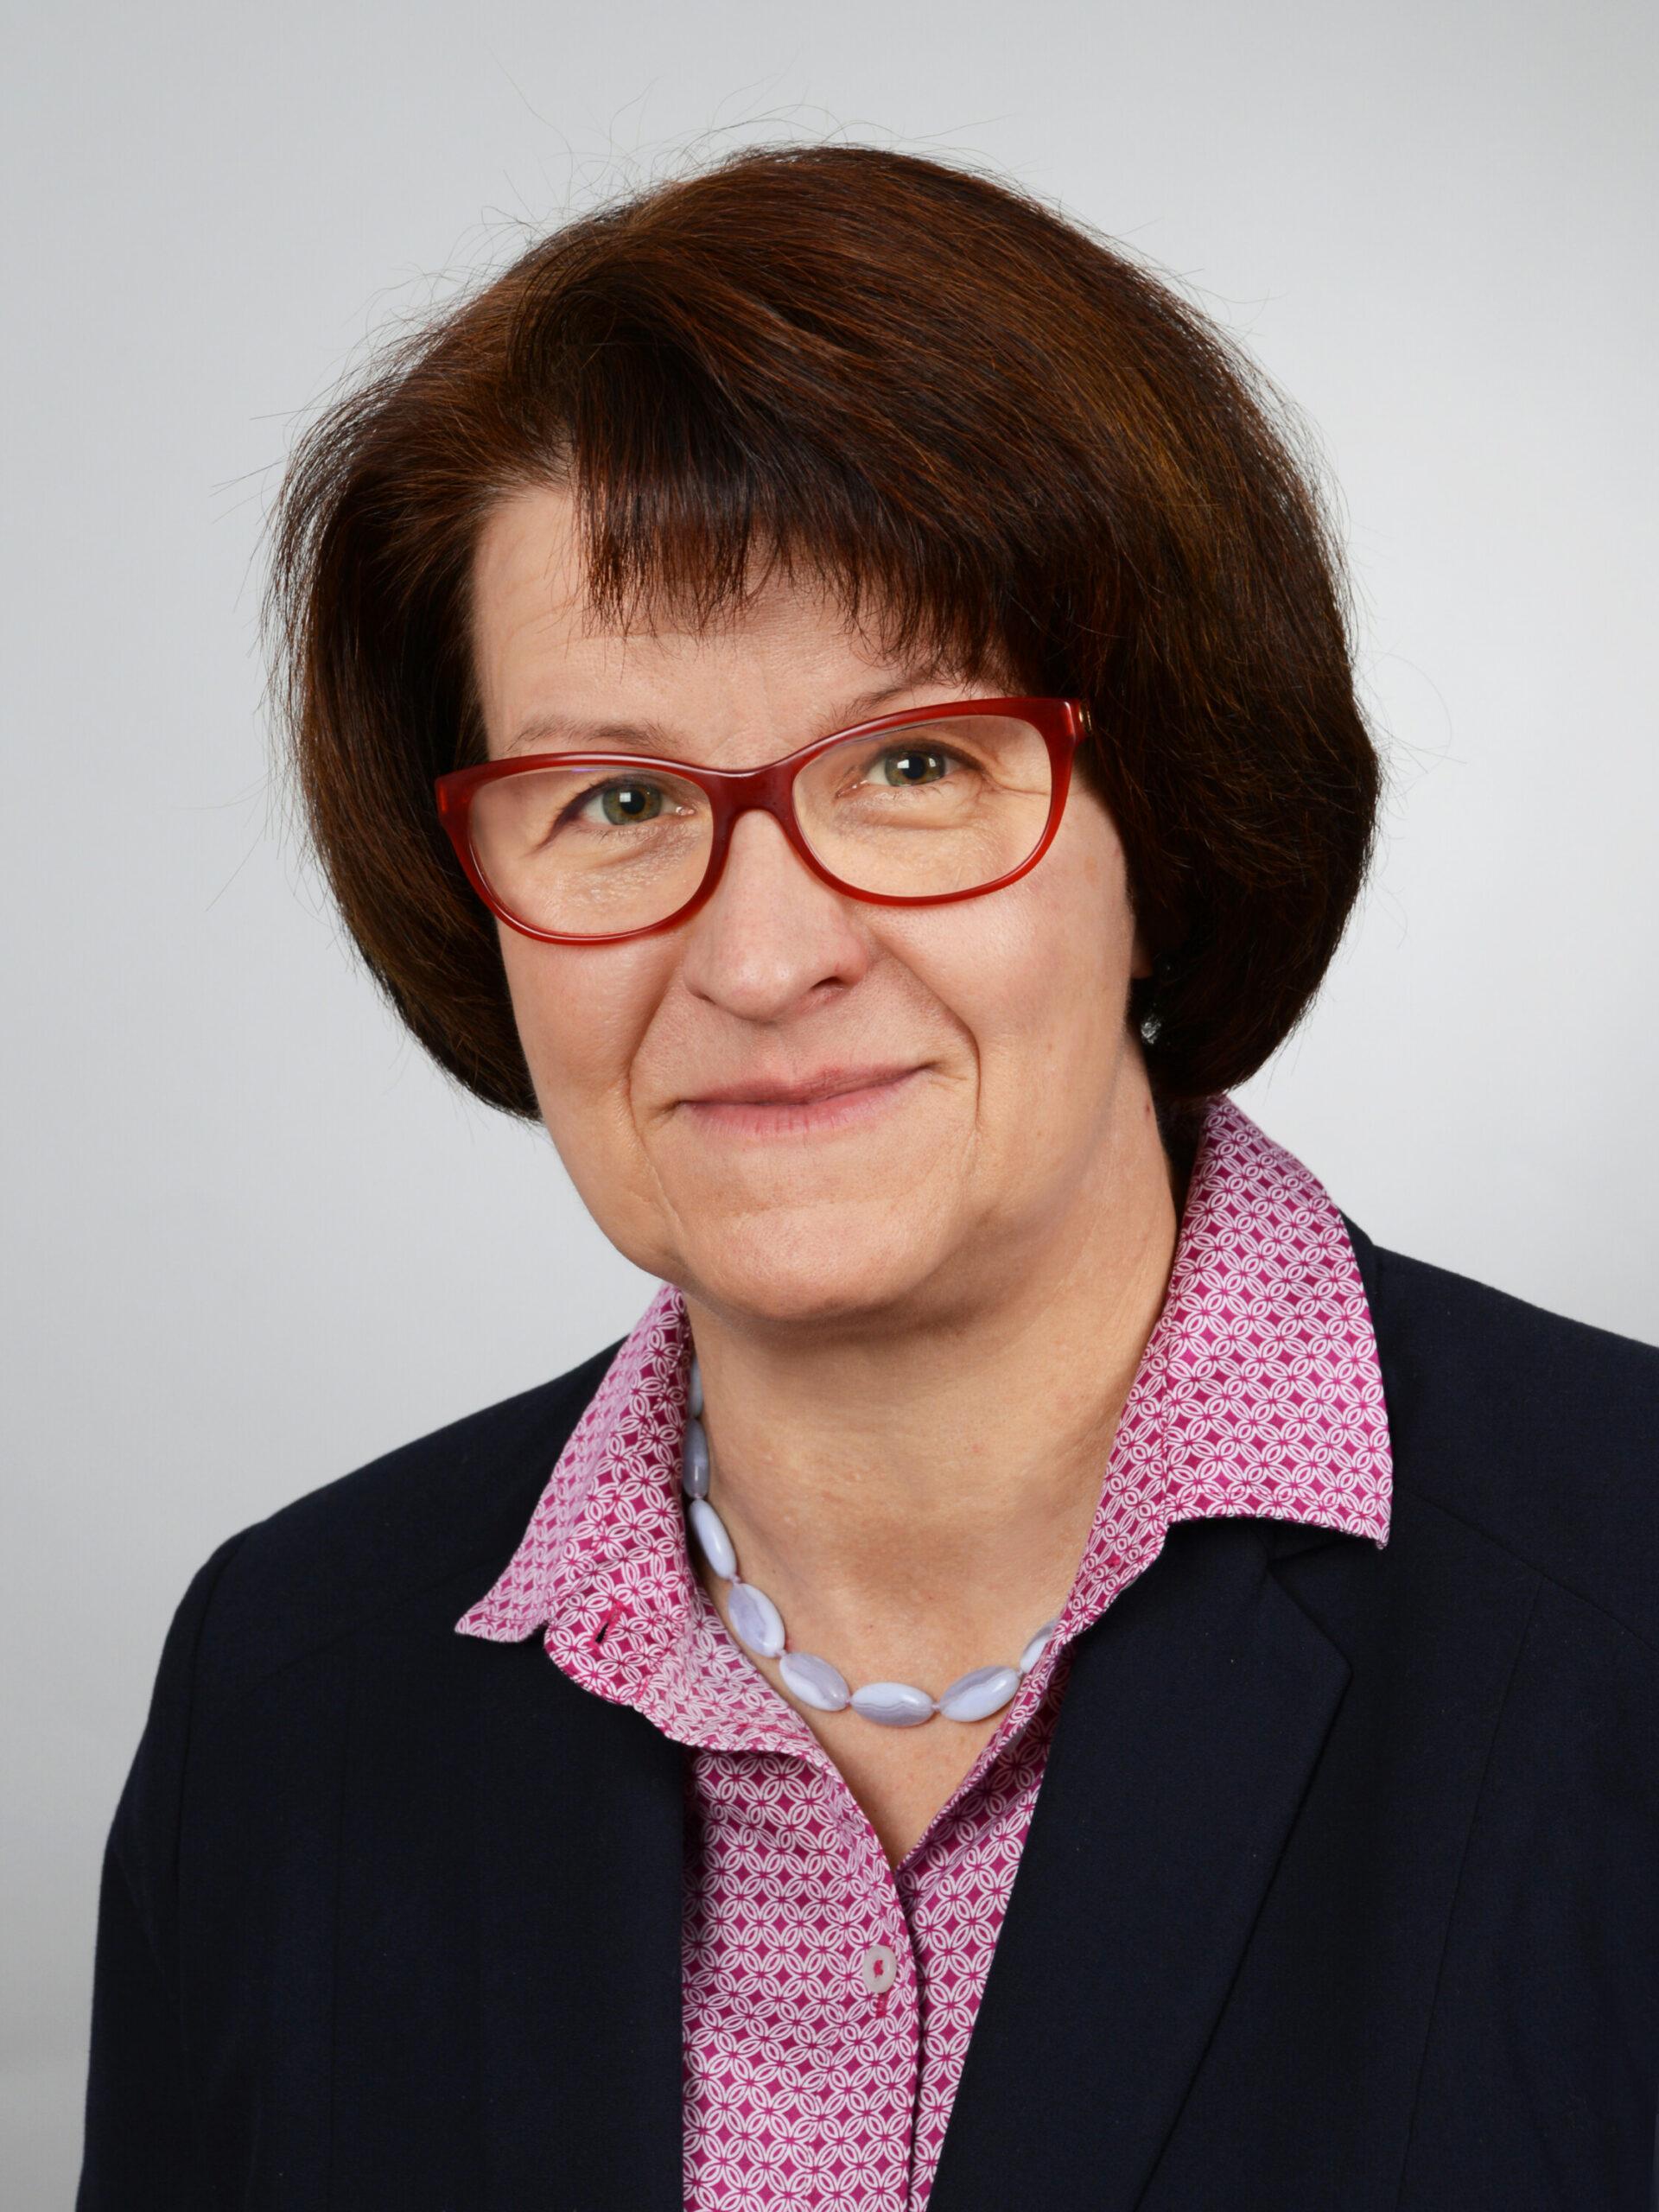 Karin Füller